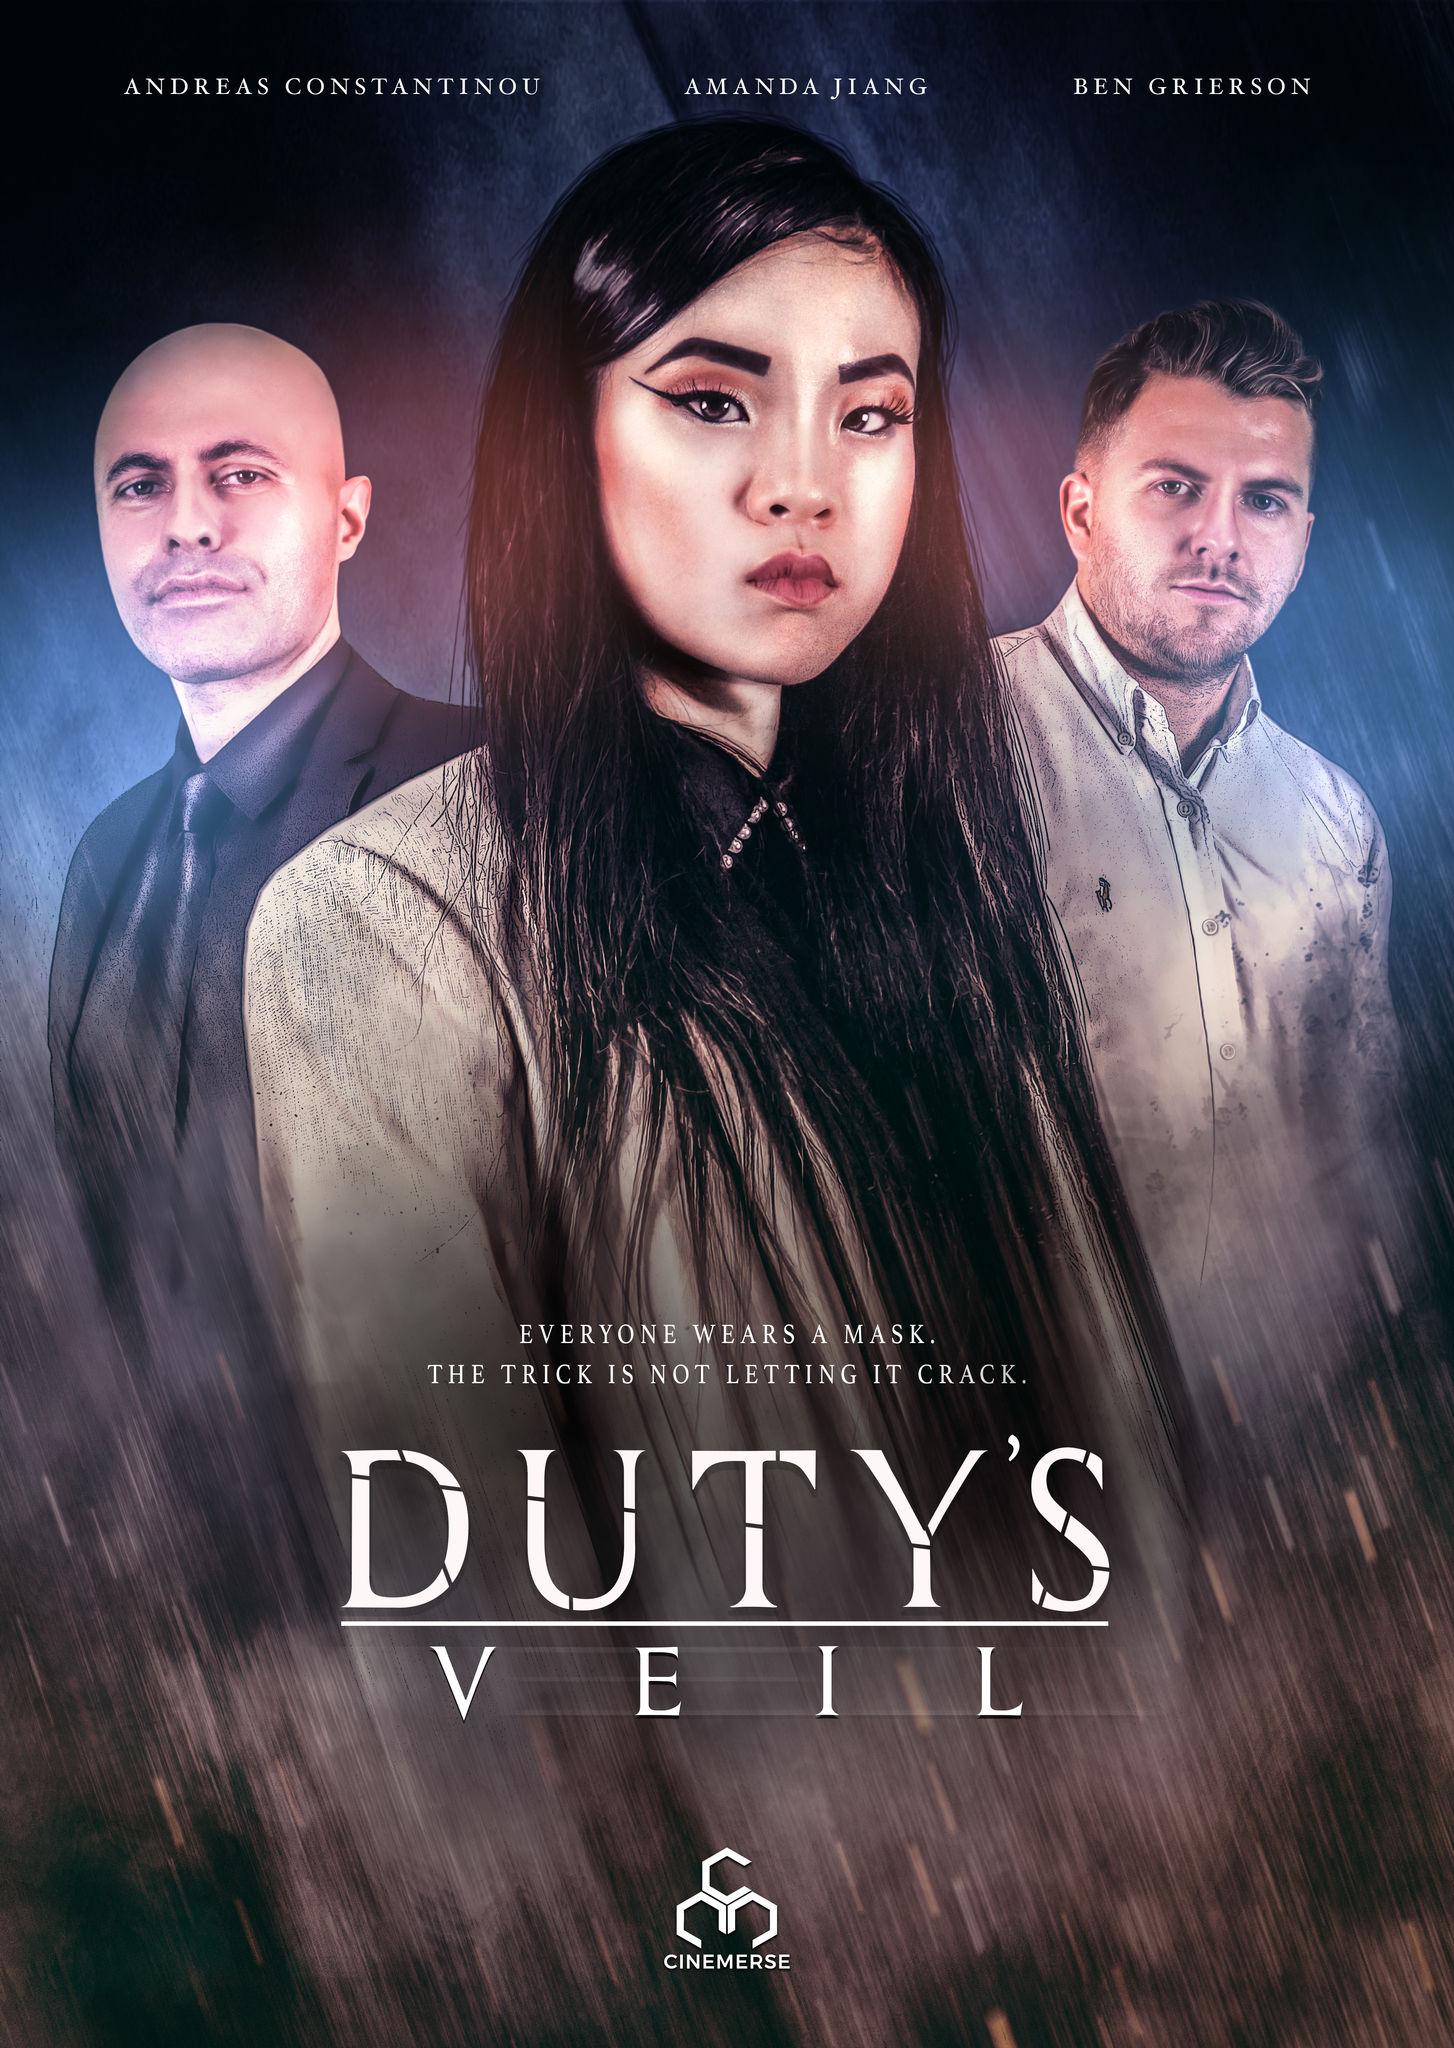 Duty's Veil